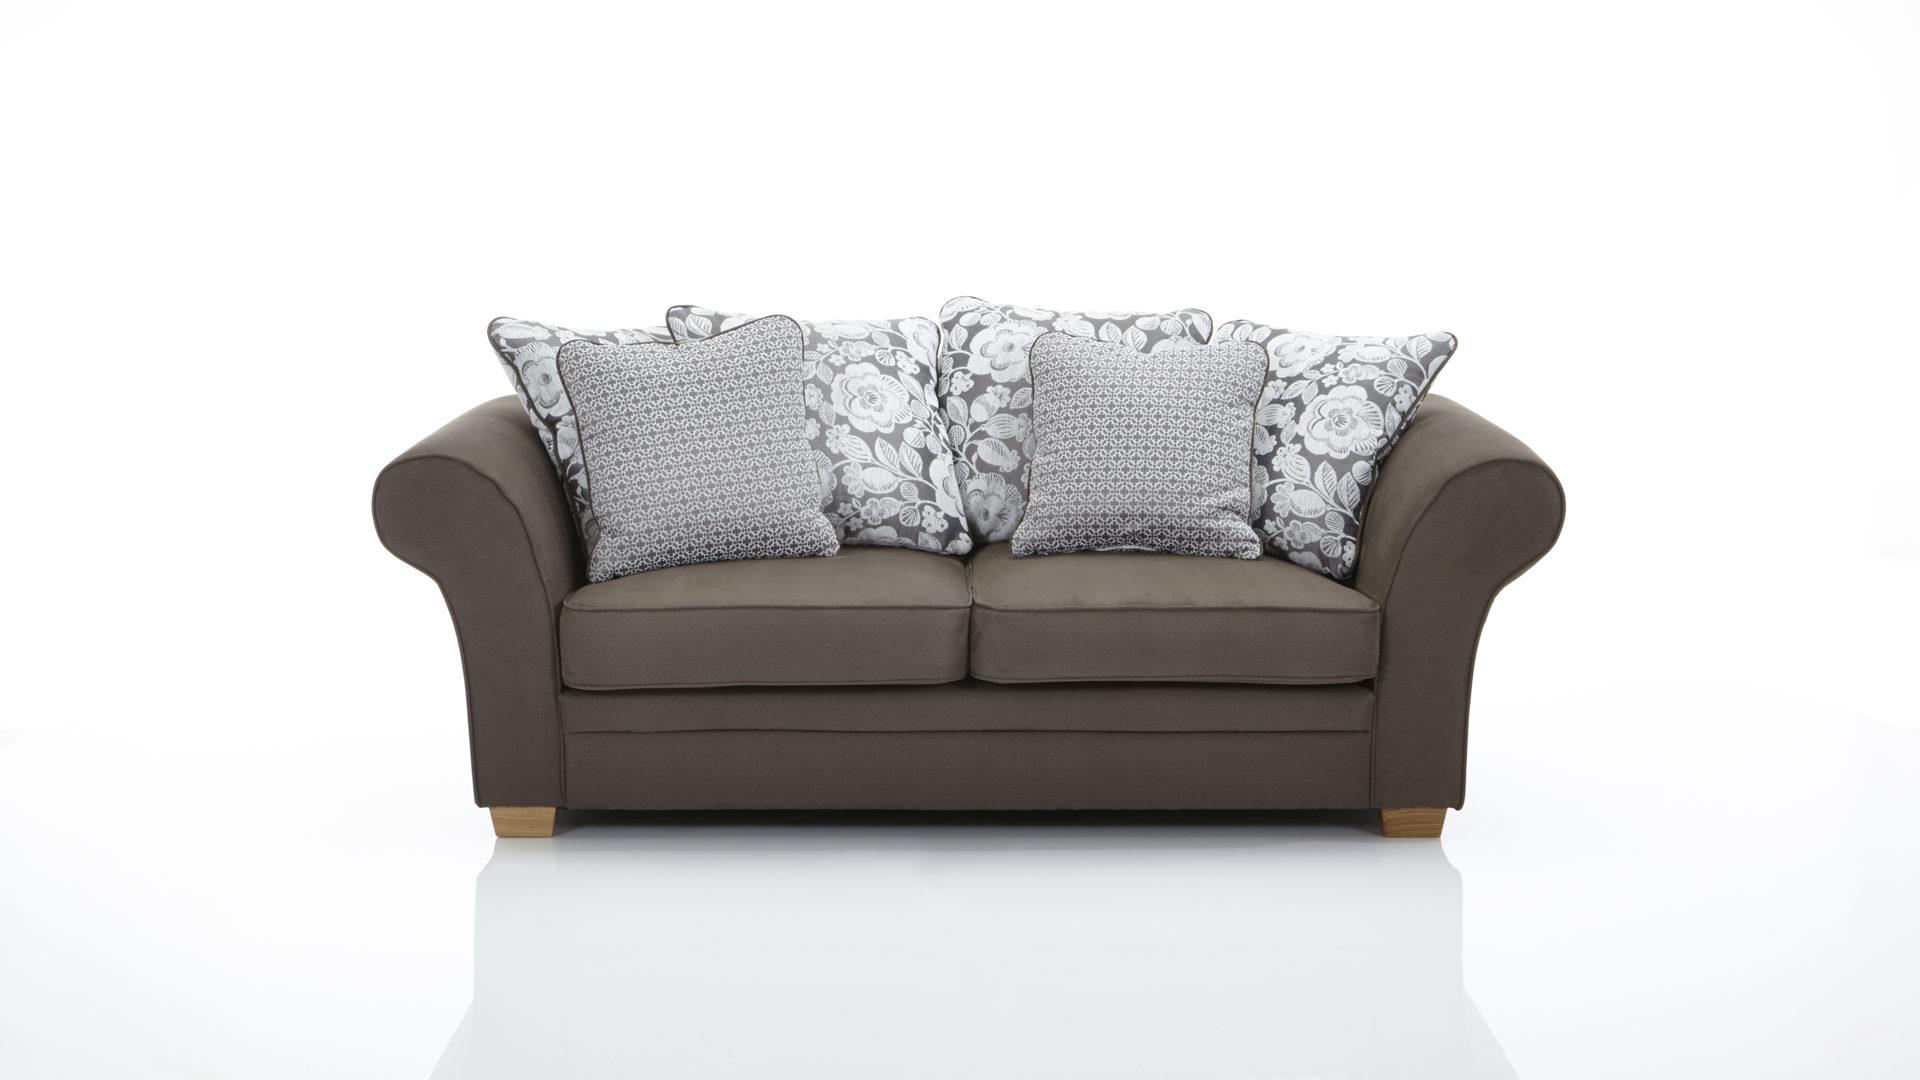 Couchgarnitur Landhaus trop möbelabholmarkt gmbh markenshops polstermöbel modernes